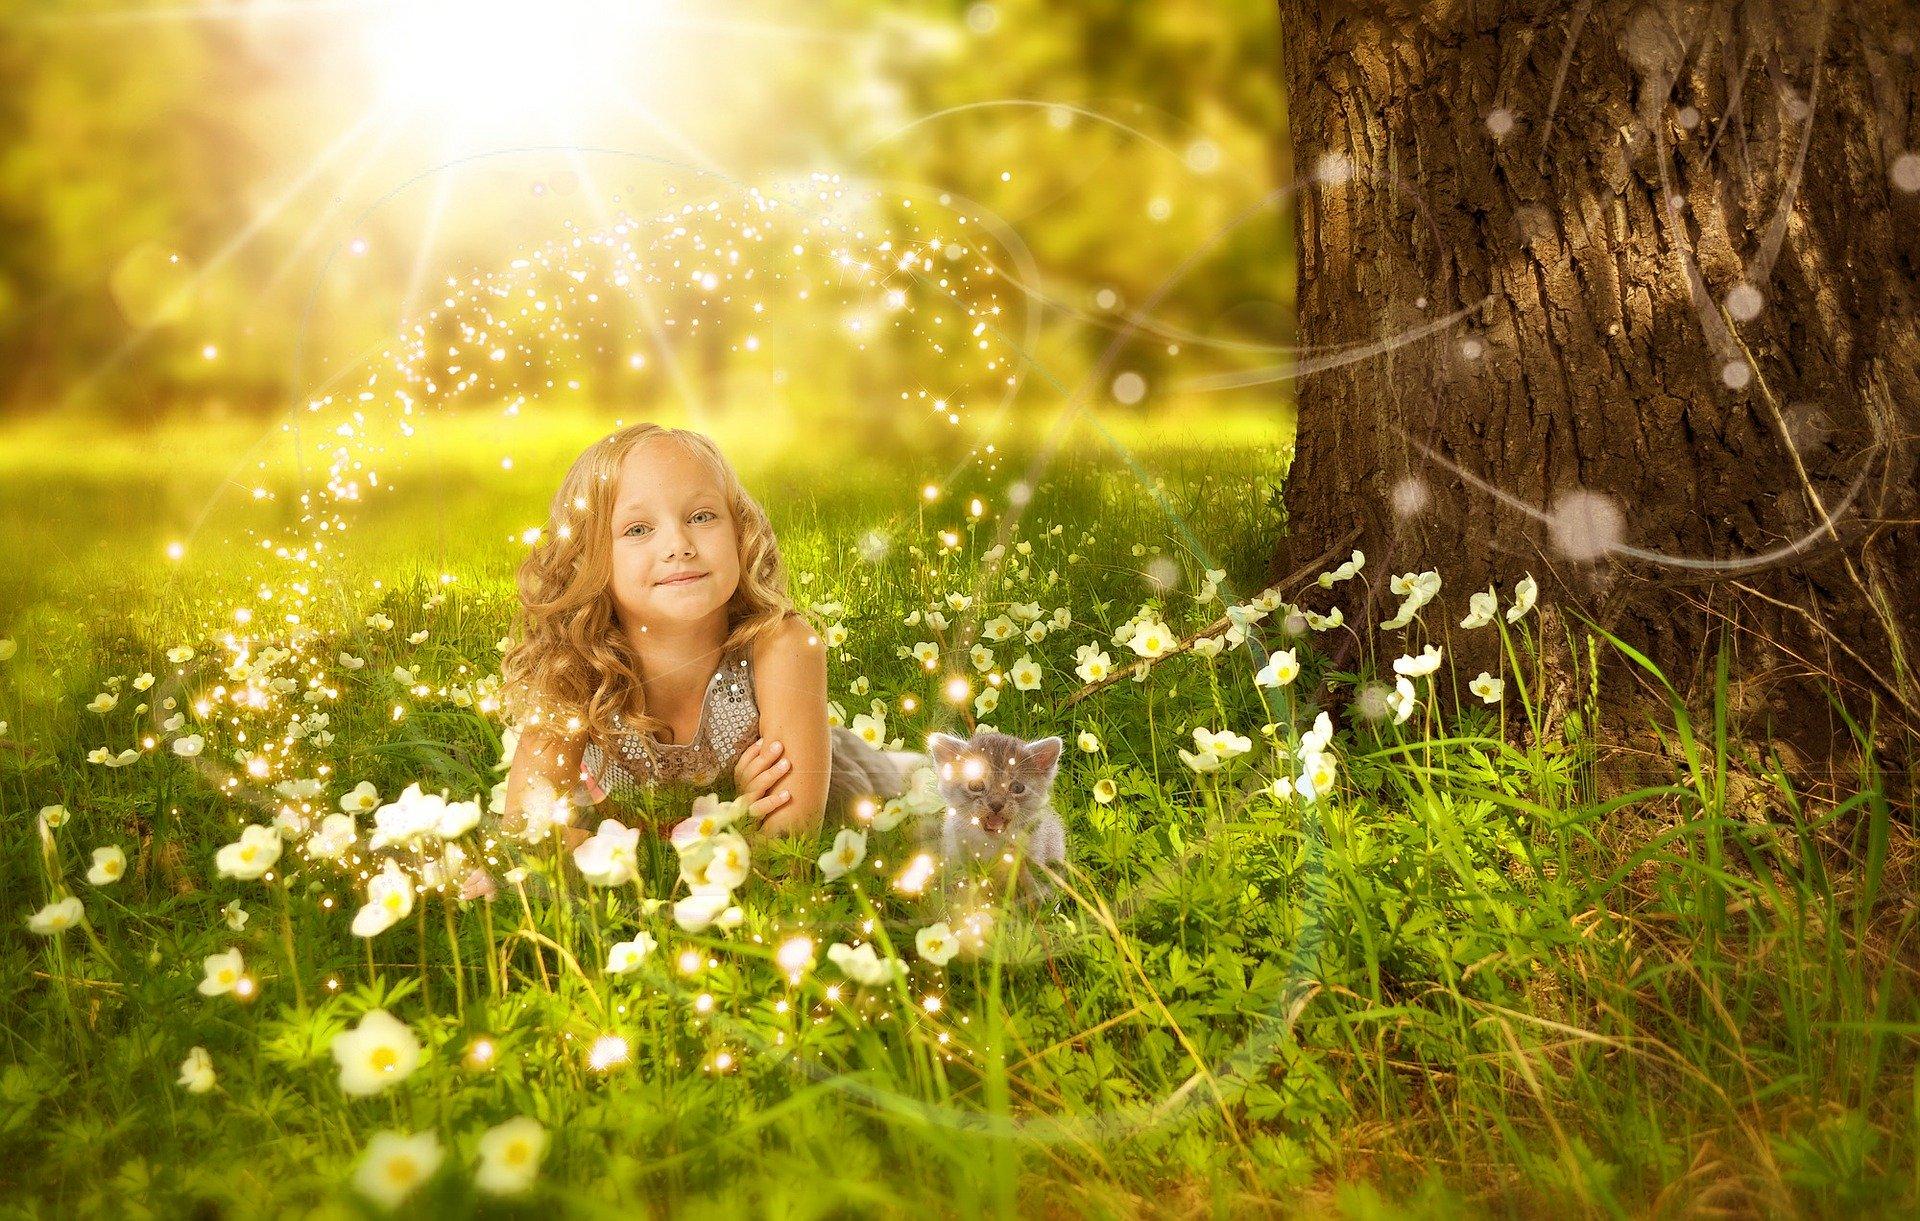 Utelešenje lepote in sočutja - Specialna izkušnja prezence